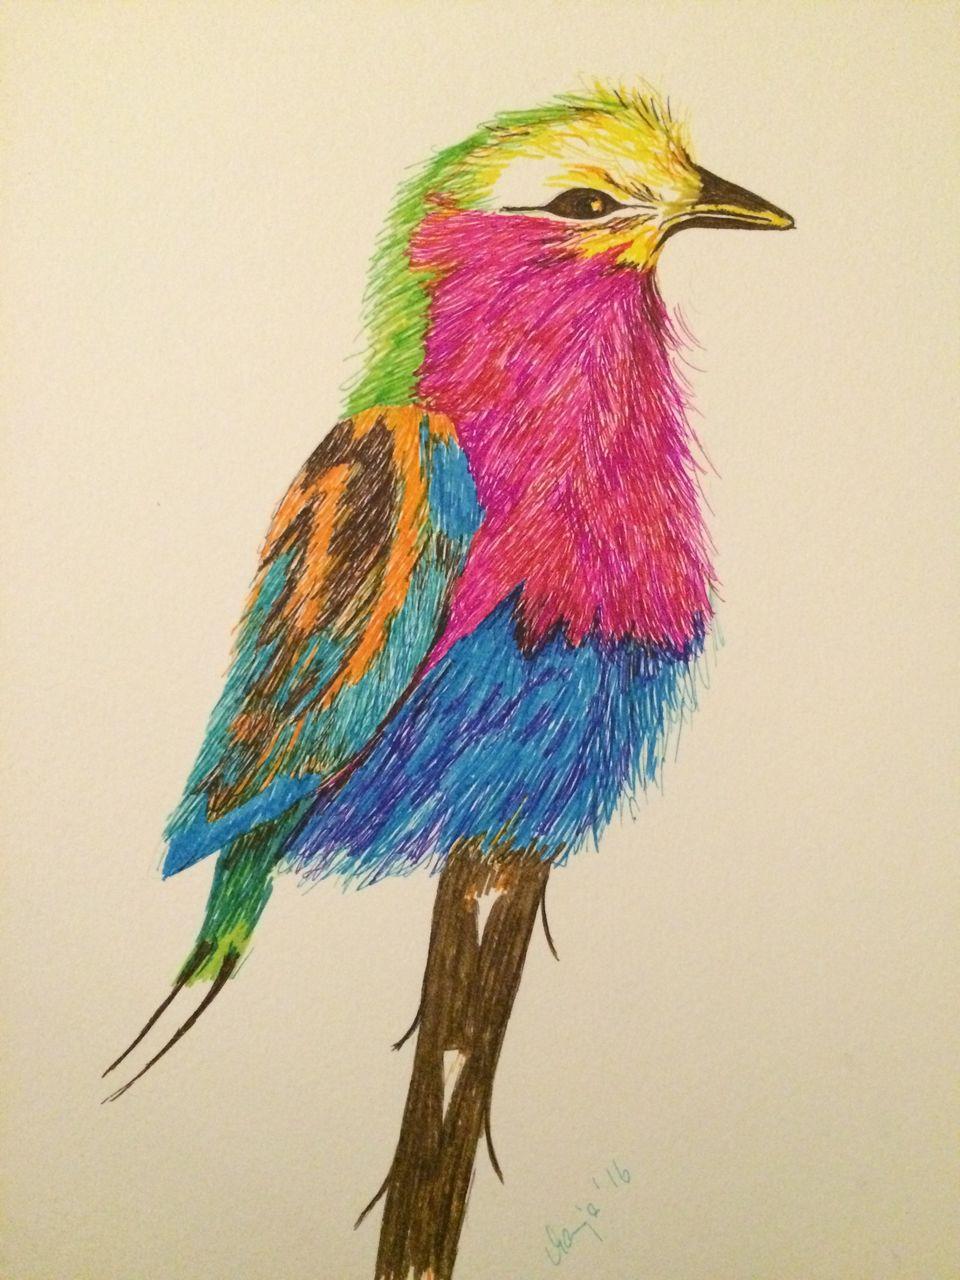 Großartig Färbung In Bildern Von Vögeln Ideen - Malvorlagen Ideen ...